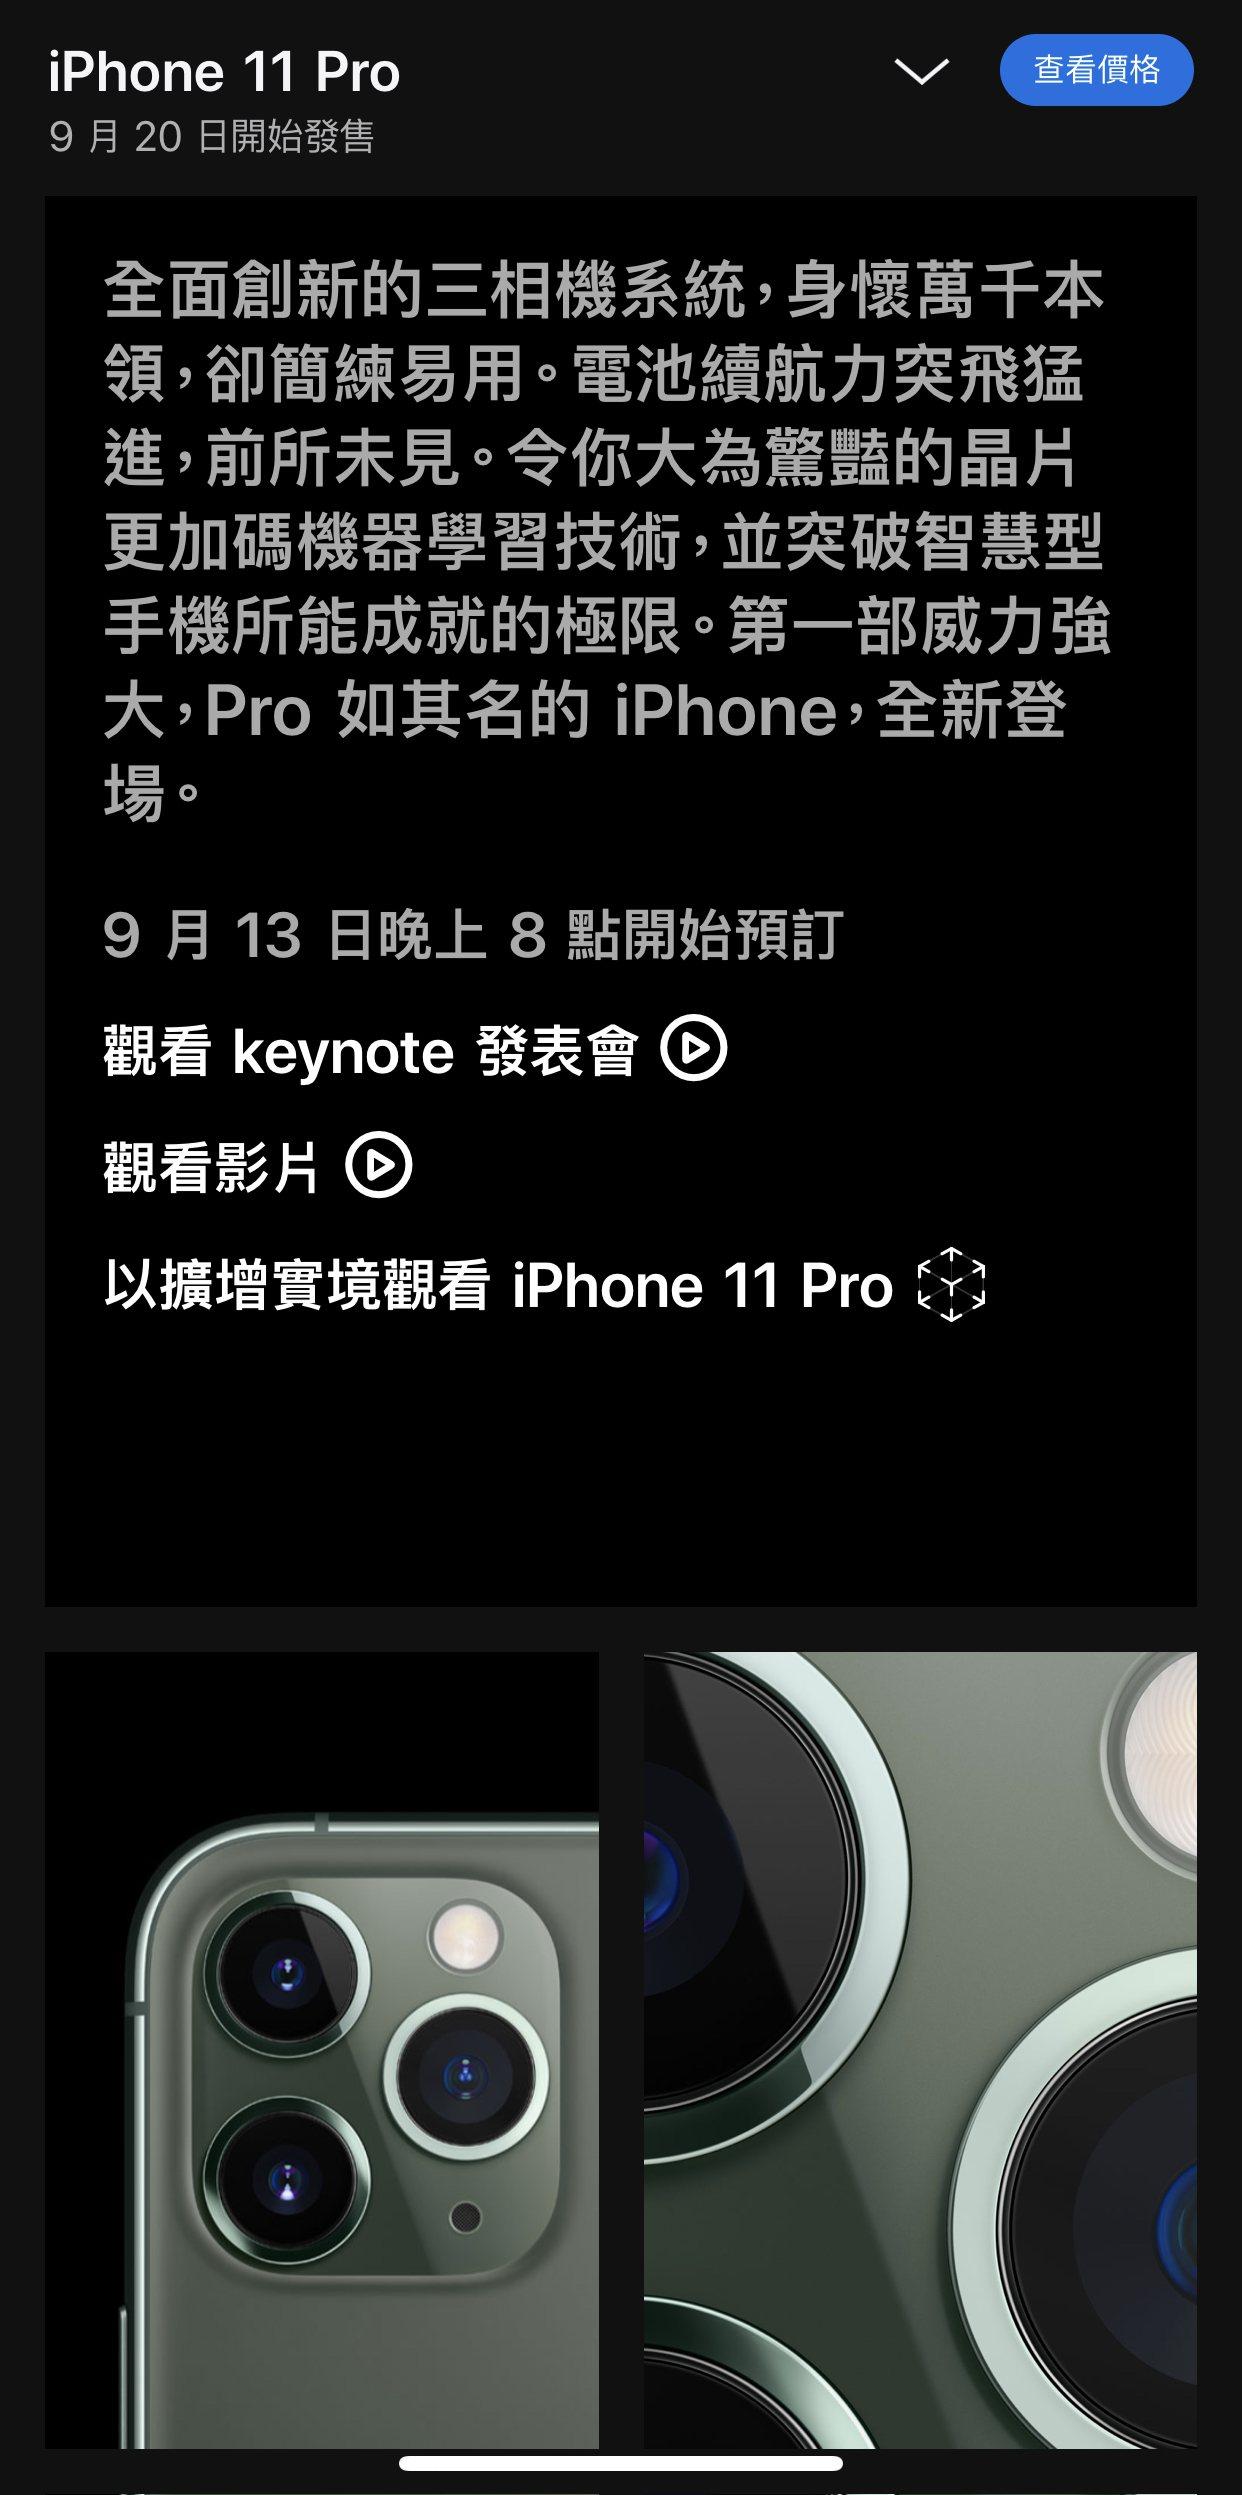 蘋果官網將從9月13日晚上8點起開放iPhone 11系列新機預訂。圖/摘自蘋果...